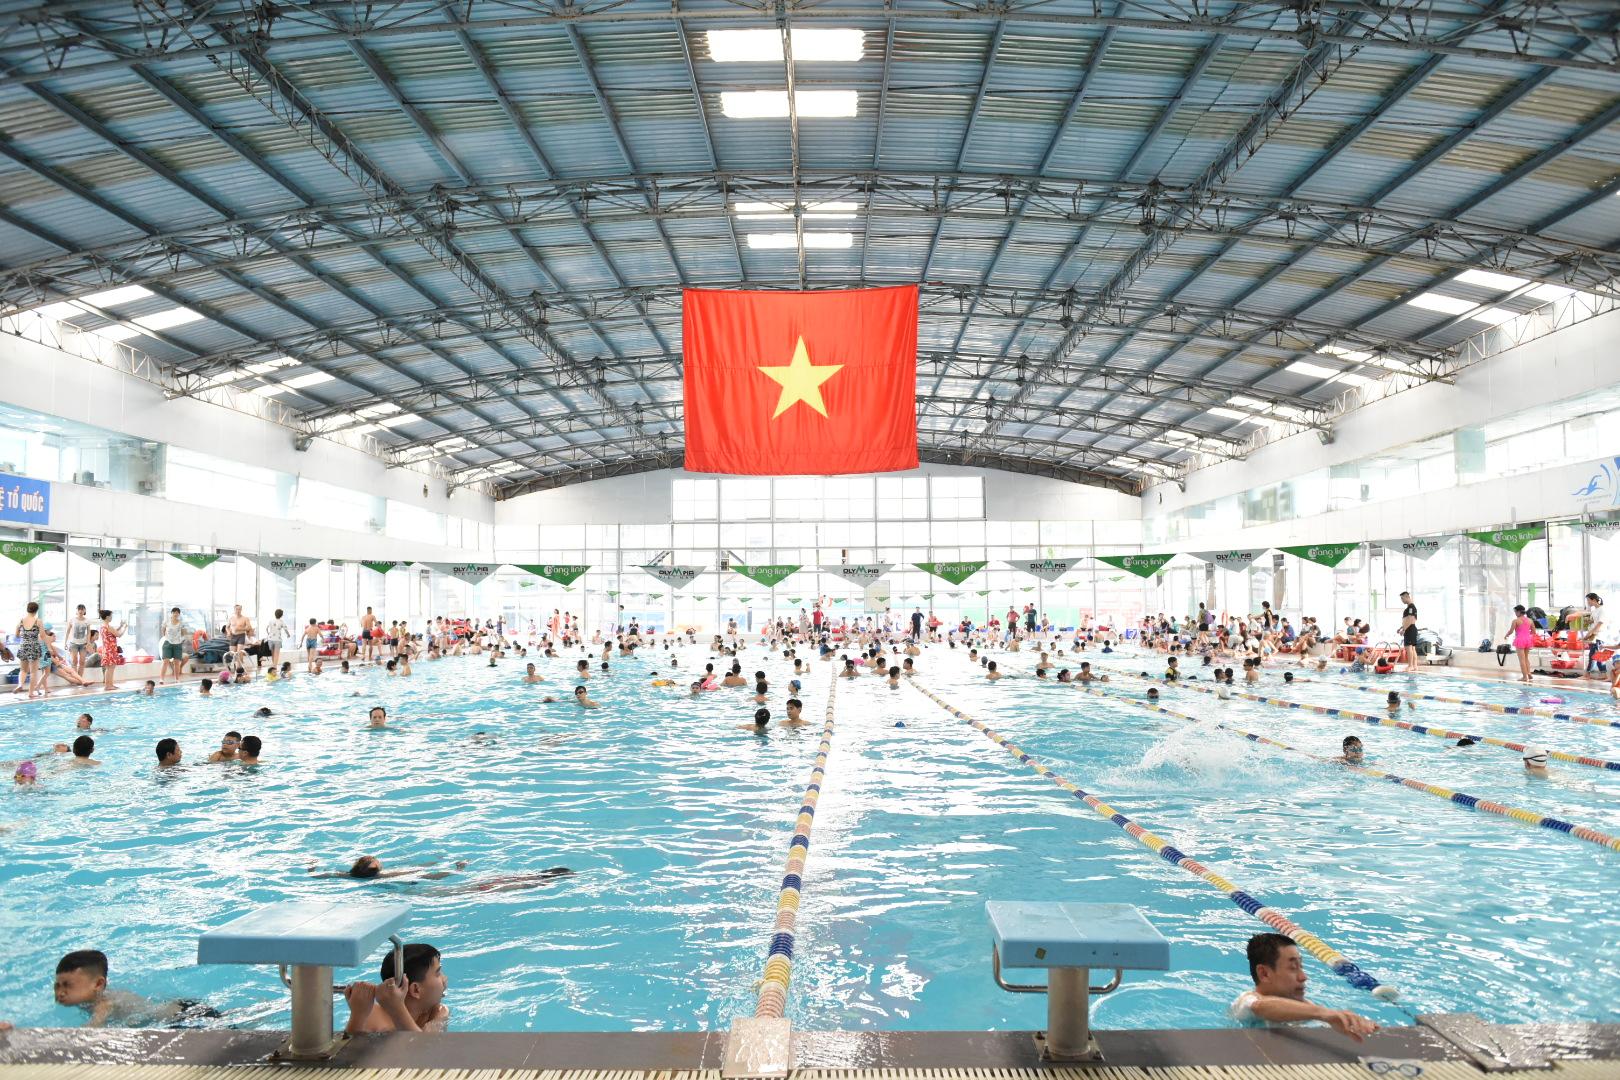 Cập nhật giá vé thời điểm hiện tại của các bể bơi ở Hà Nội theo quận giúp chị em dẫn cả gia đình tới giải nhiệt ngày hè khỏi lăn tăn - Ảnh 11.